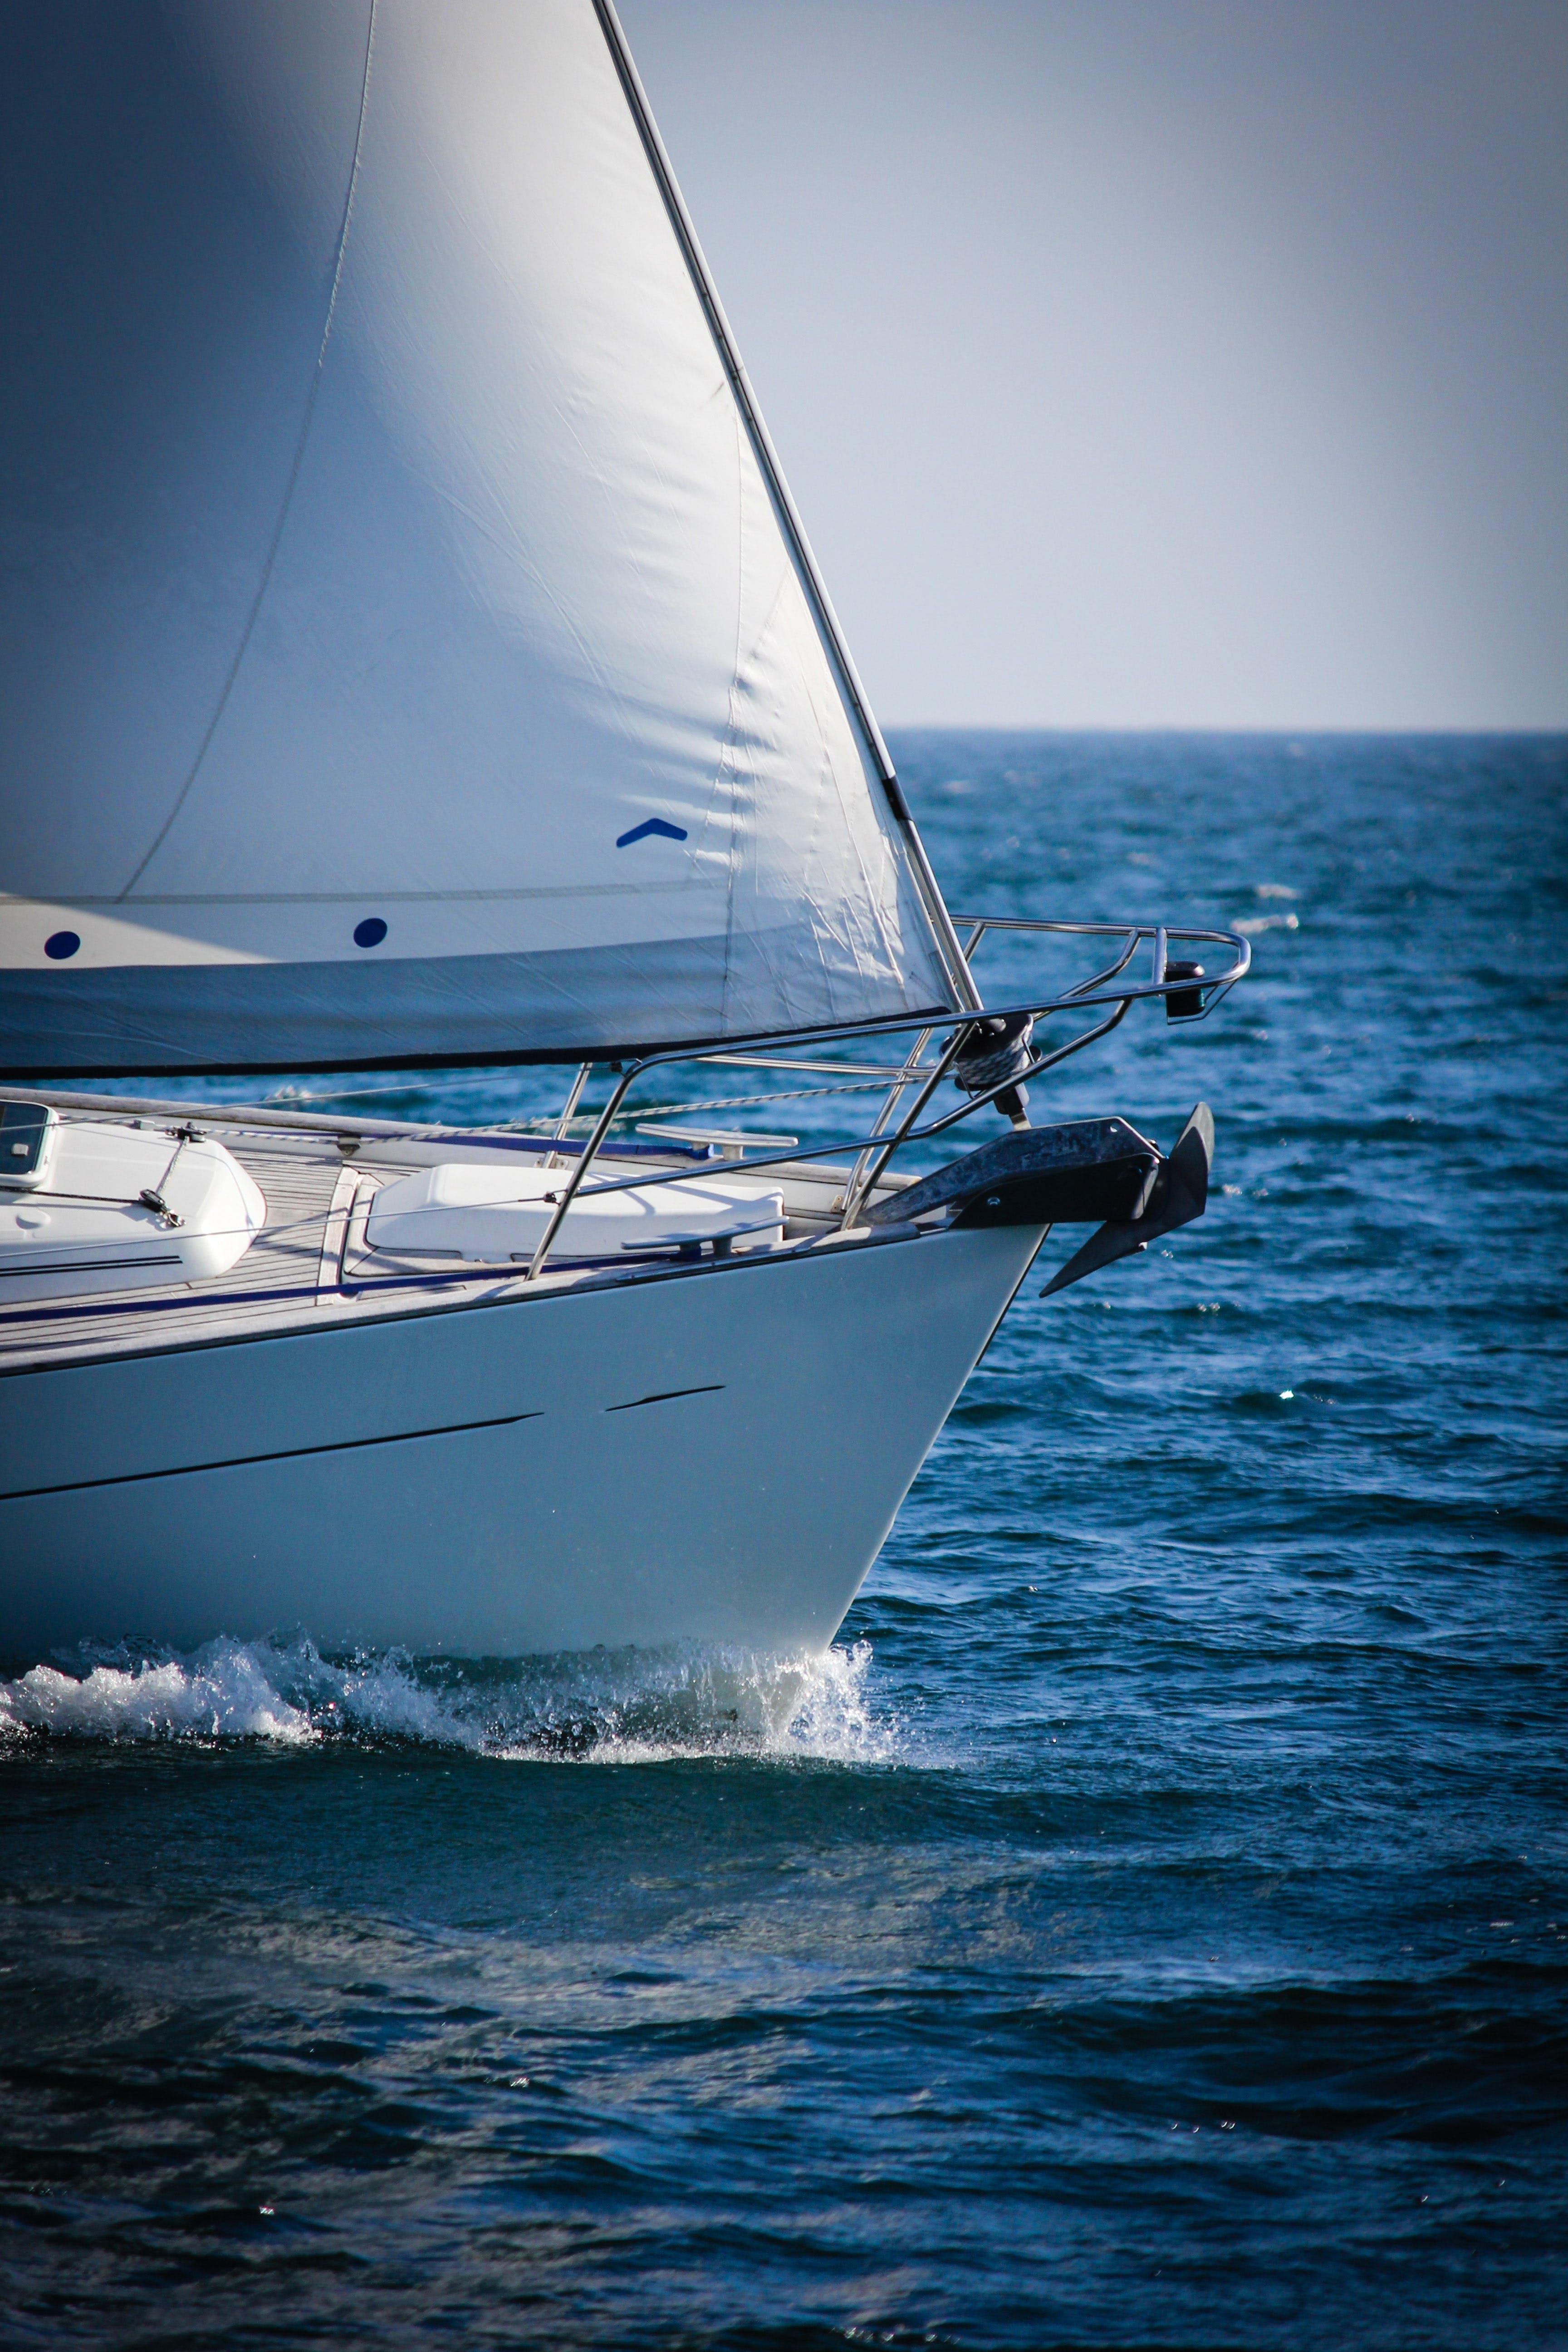 båt, blå himmel, dagsljus